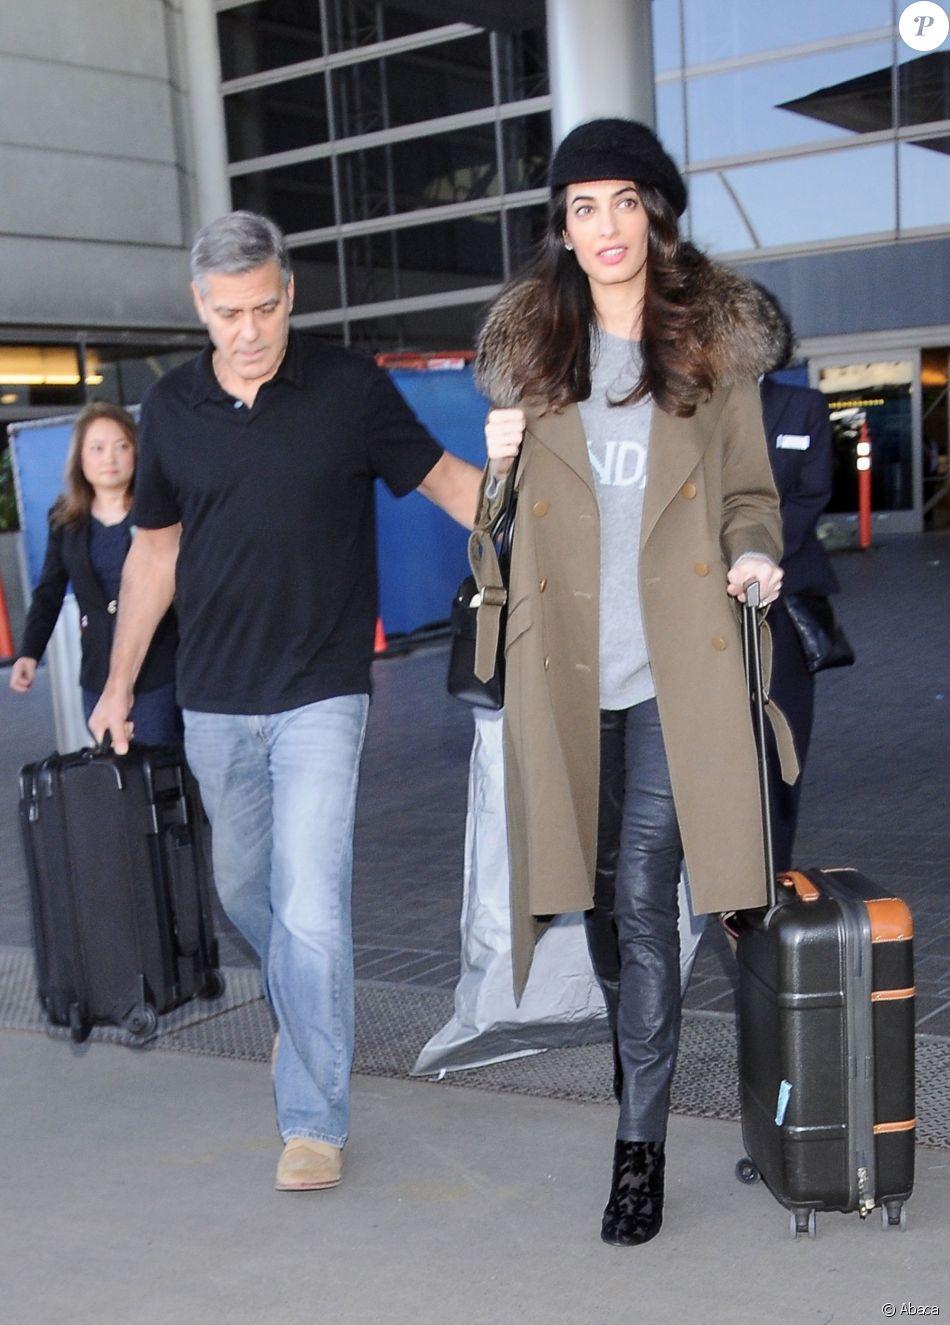 George Clooney et Amal Clooney arrivent à l'aéroport de Los Angeles le 27 janvier 2017